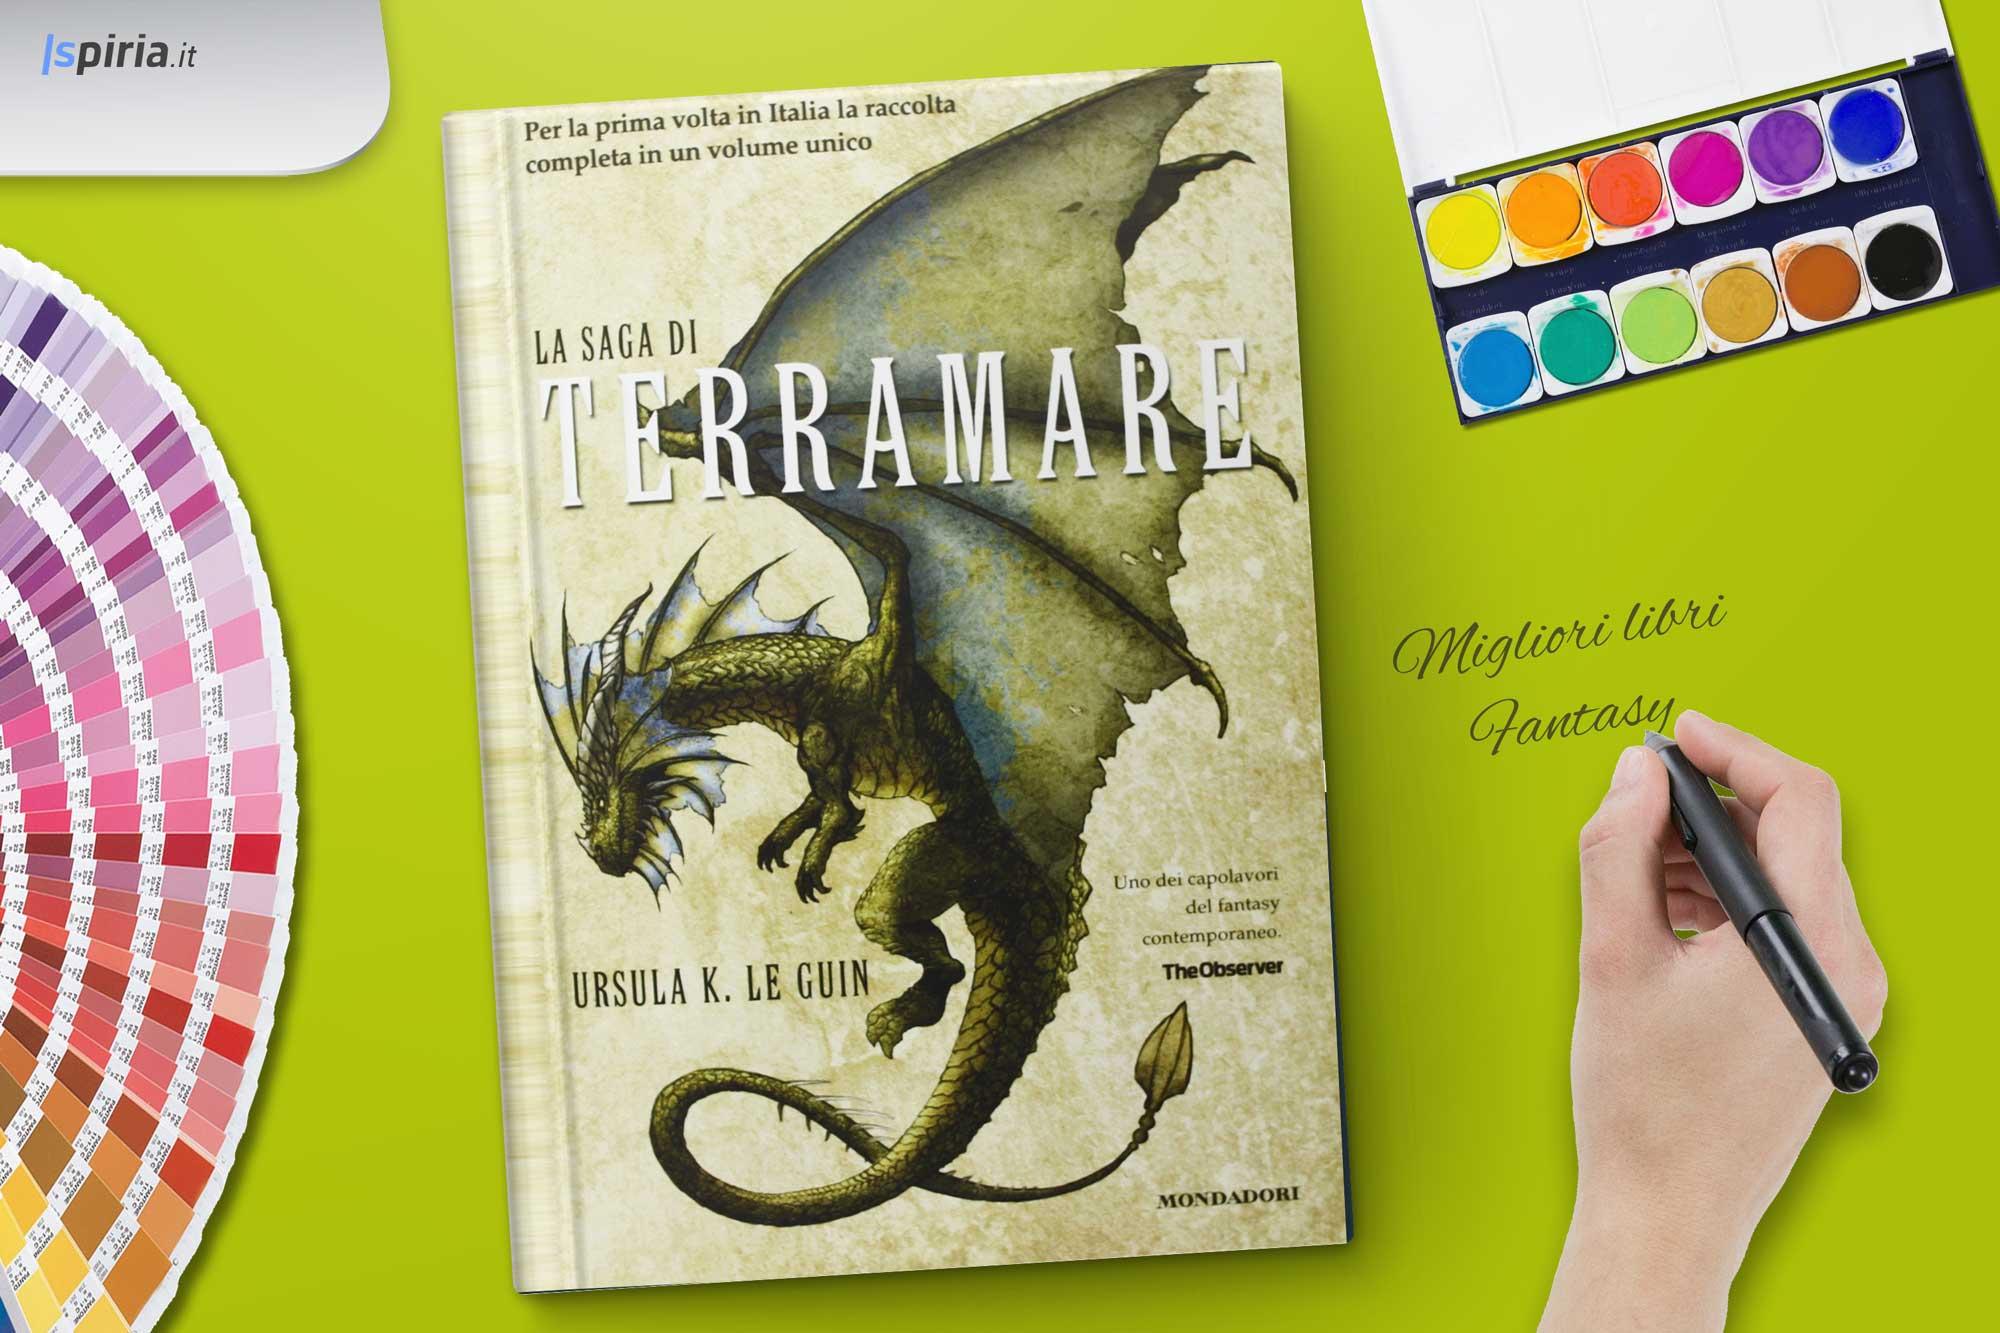 Saga-di-terramare-i-migliori-libri-Fantasy